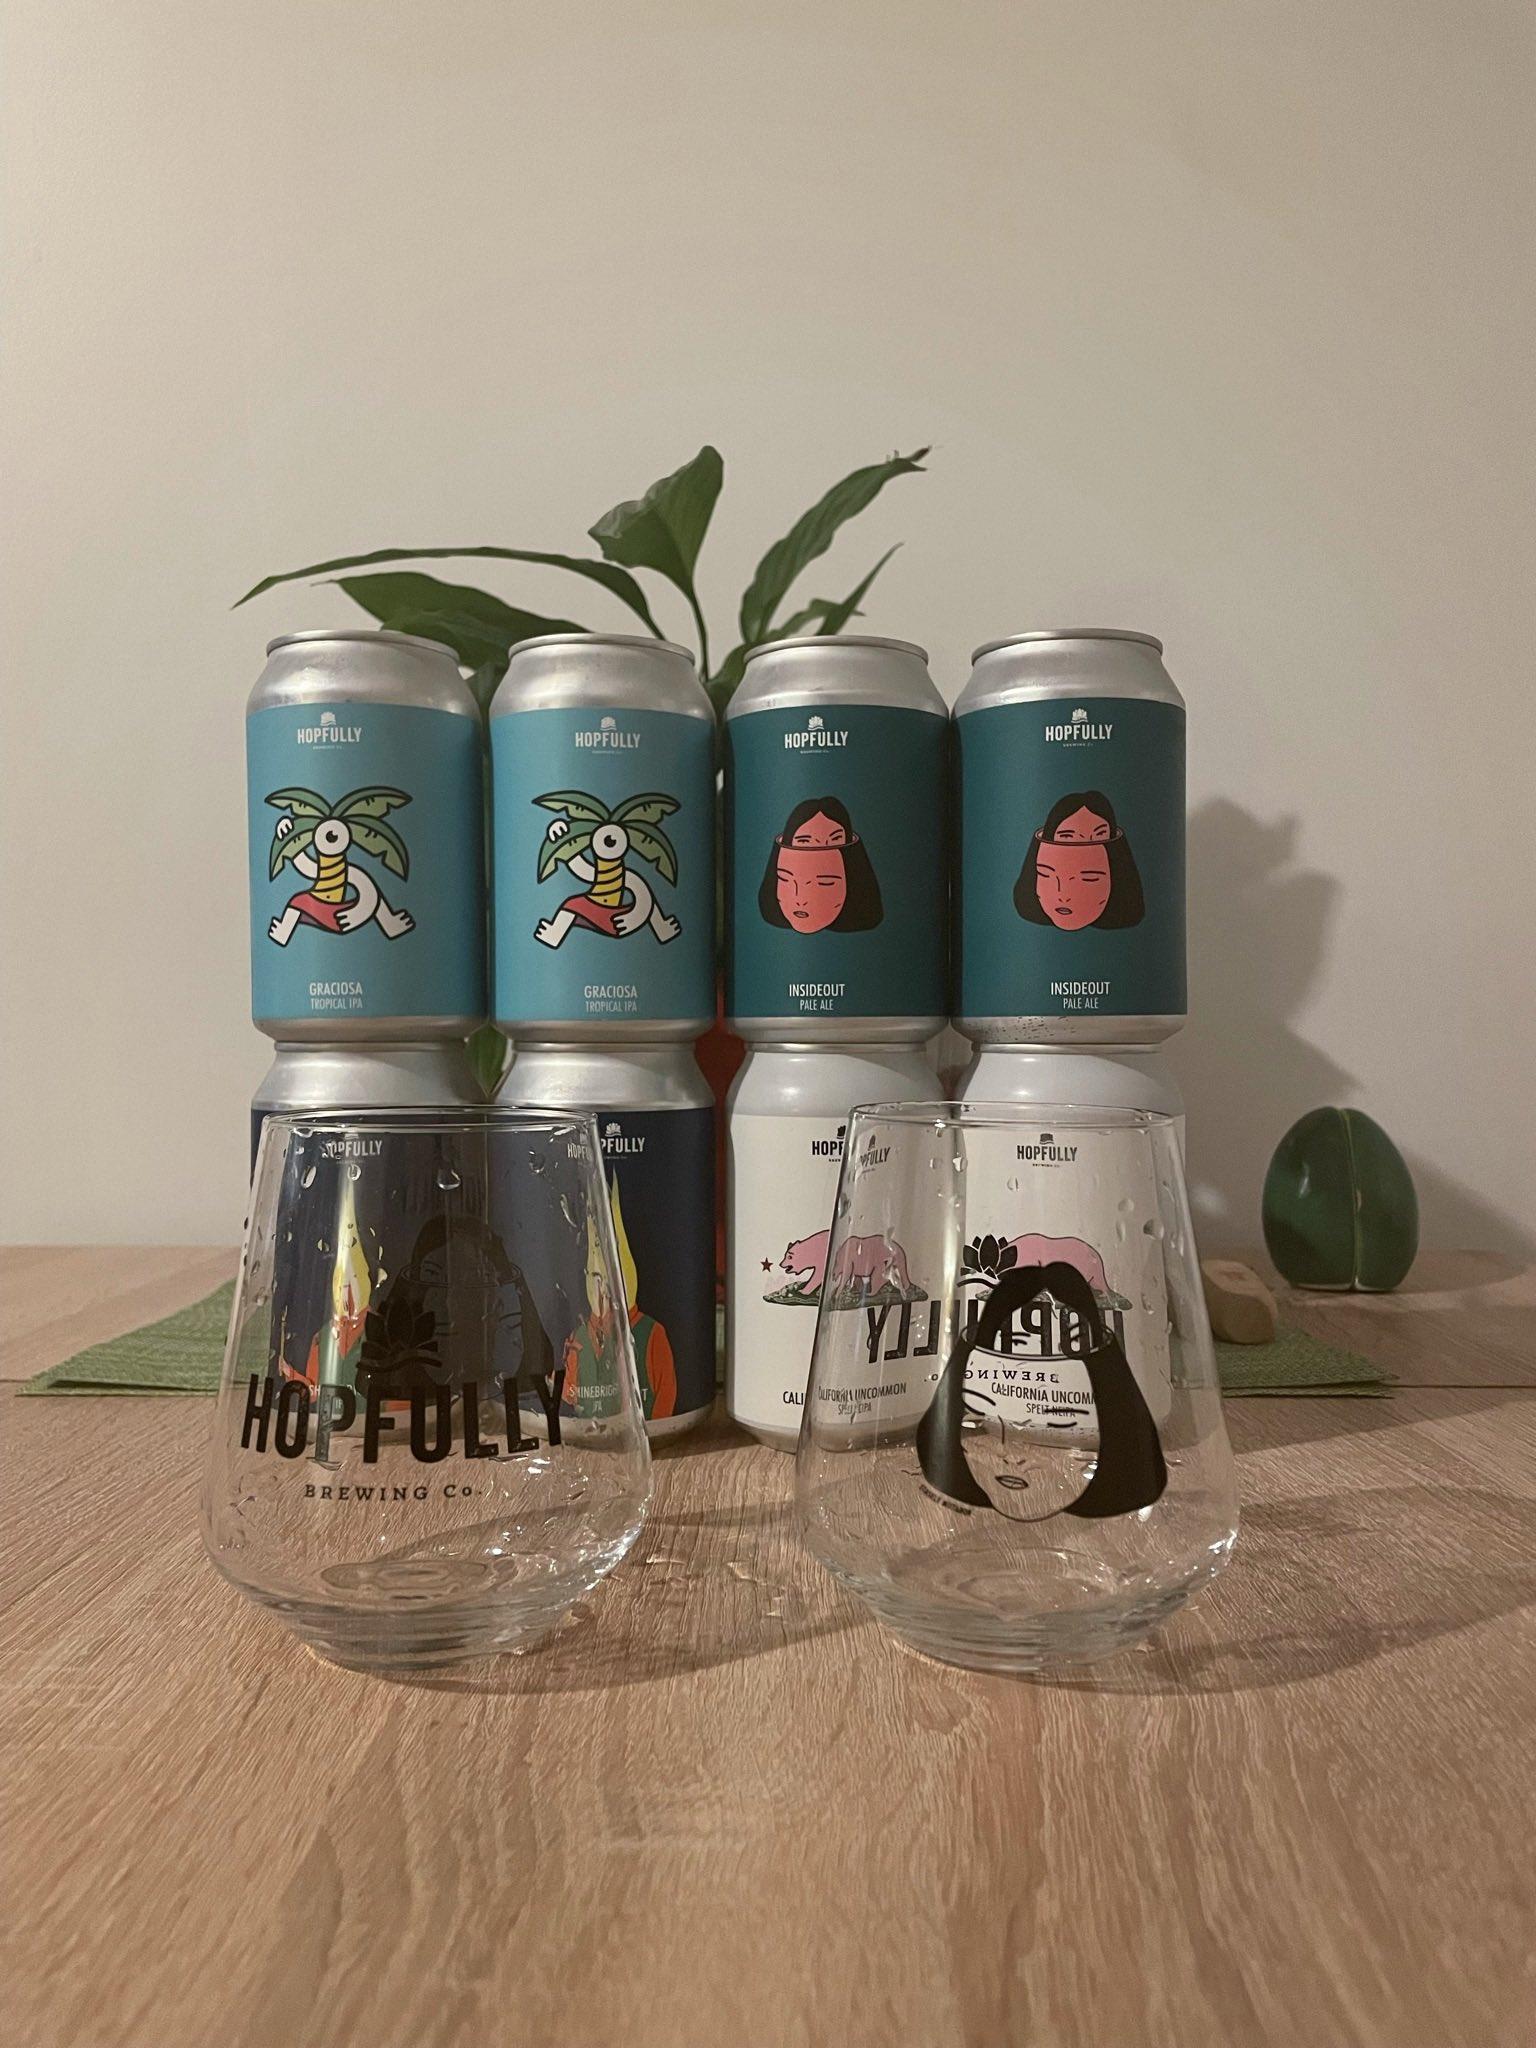 Hopfully Brewing Company, Art & Beer thumbnail